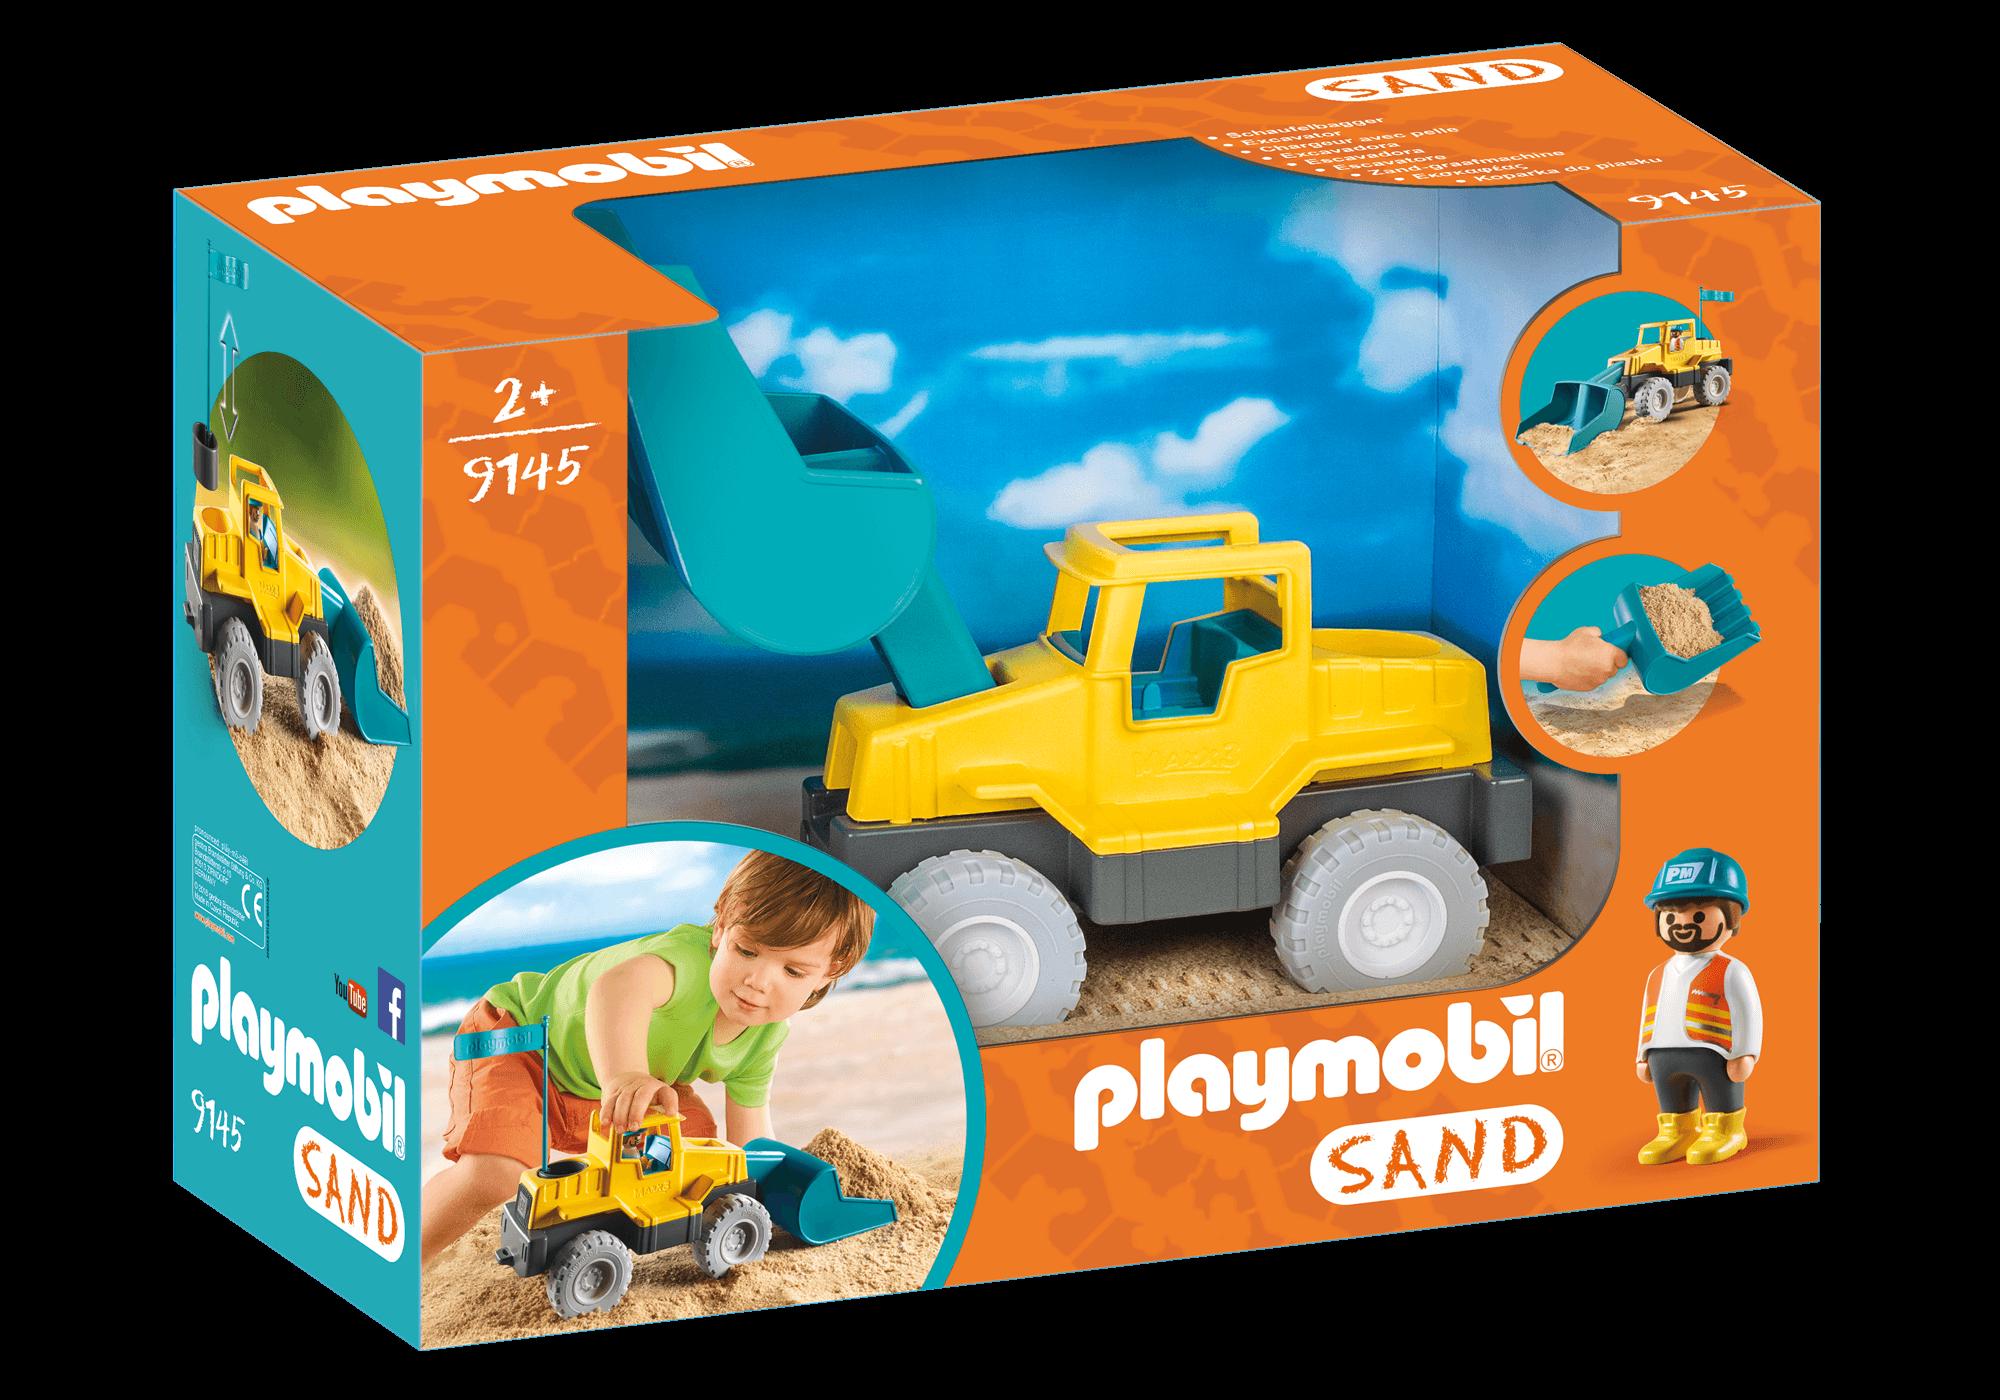 Playmobil Sand 9145 Grävskopa